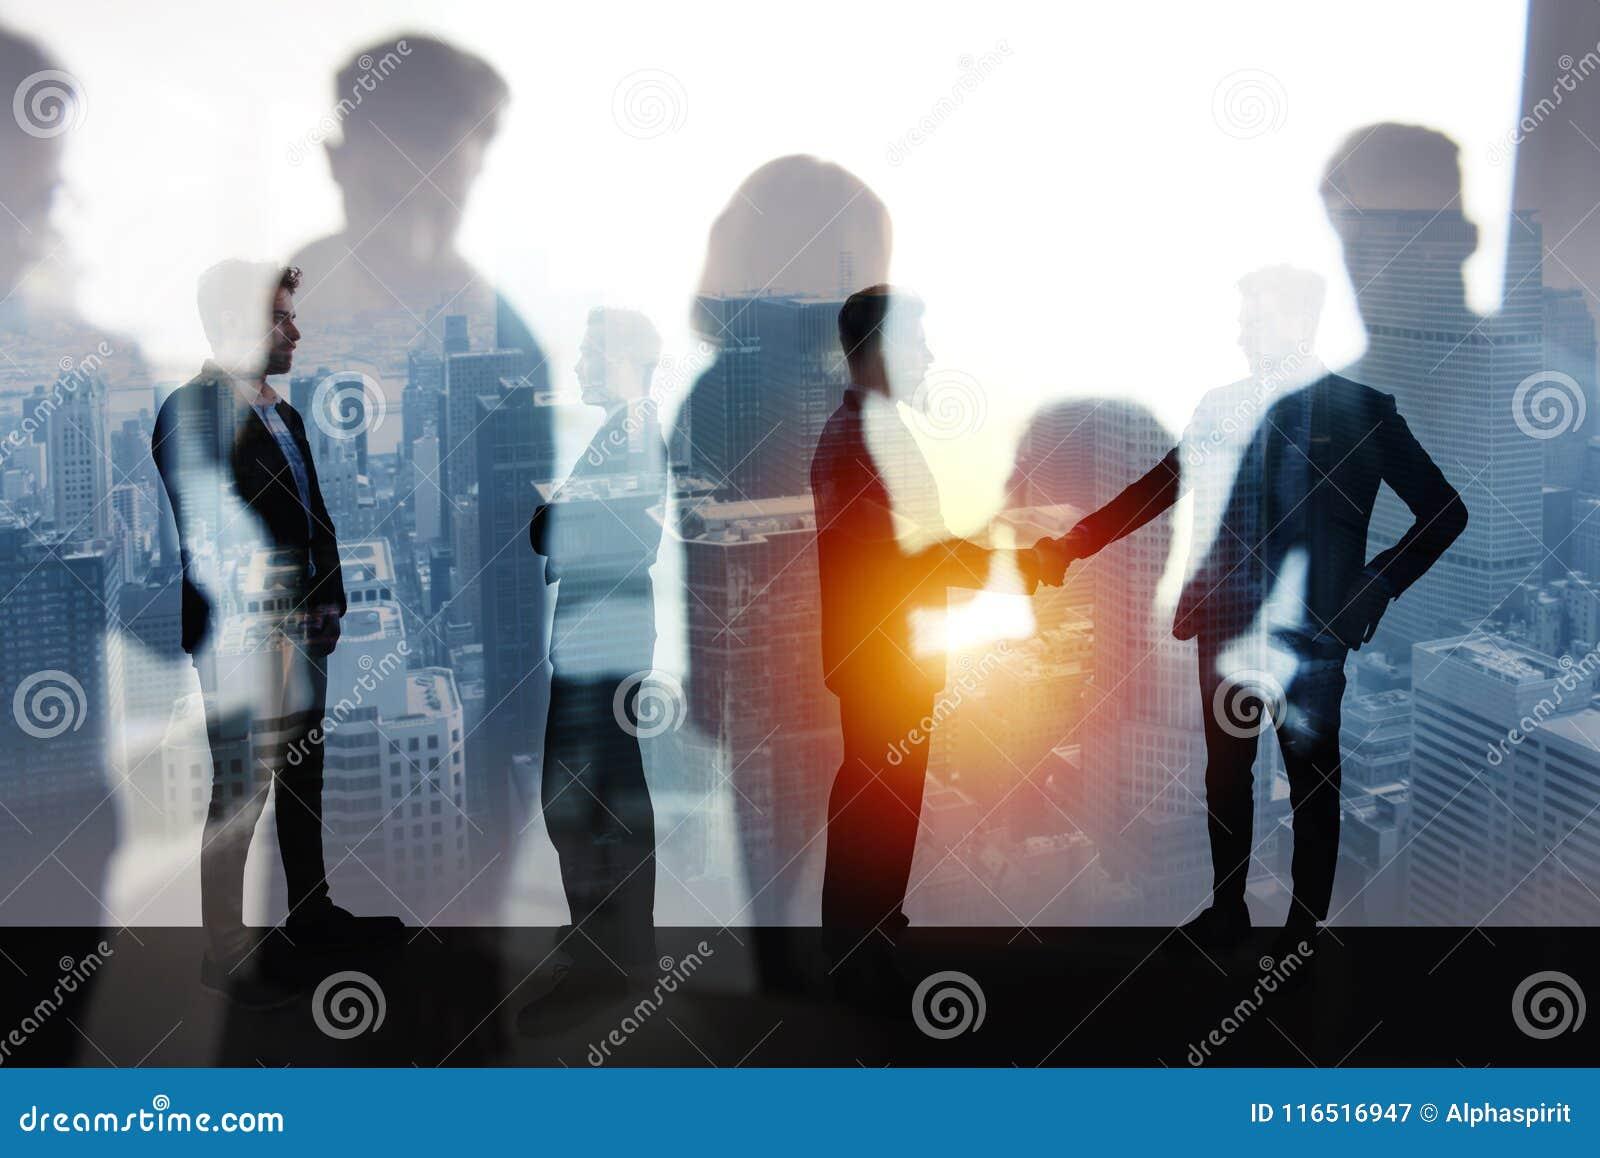 握手企业人在办公室 配合和合作的概念 两次曝光